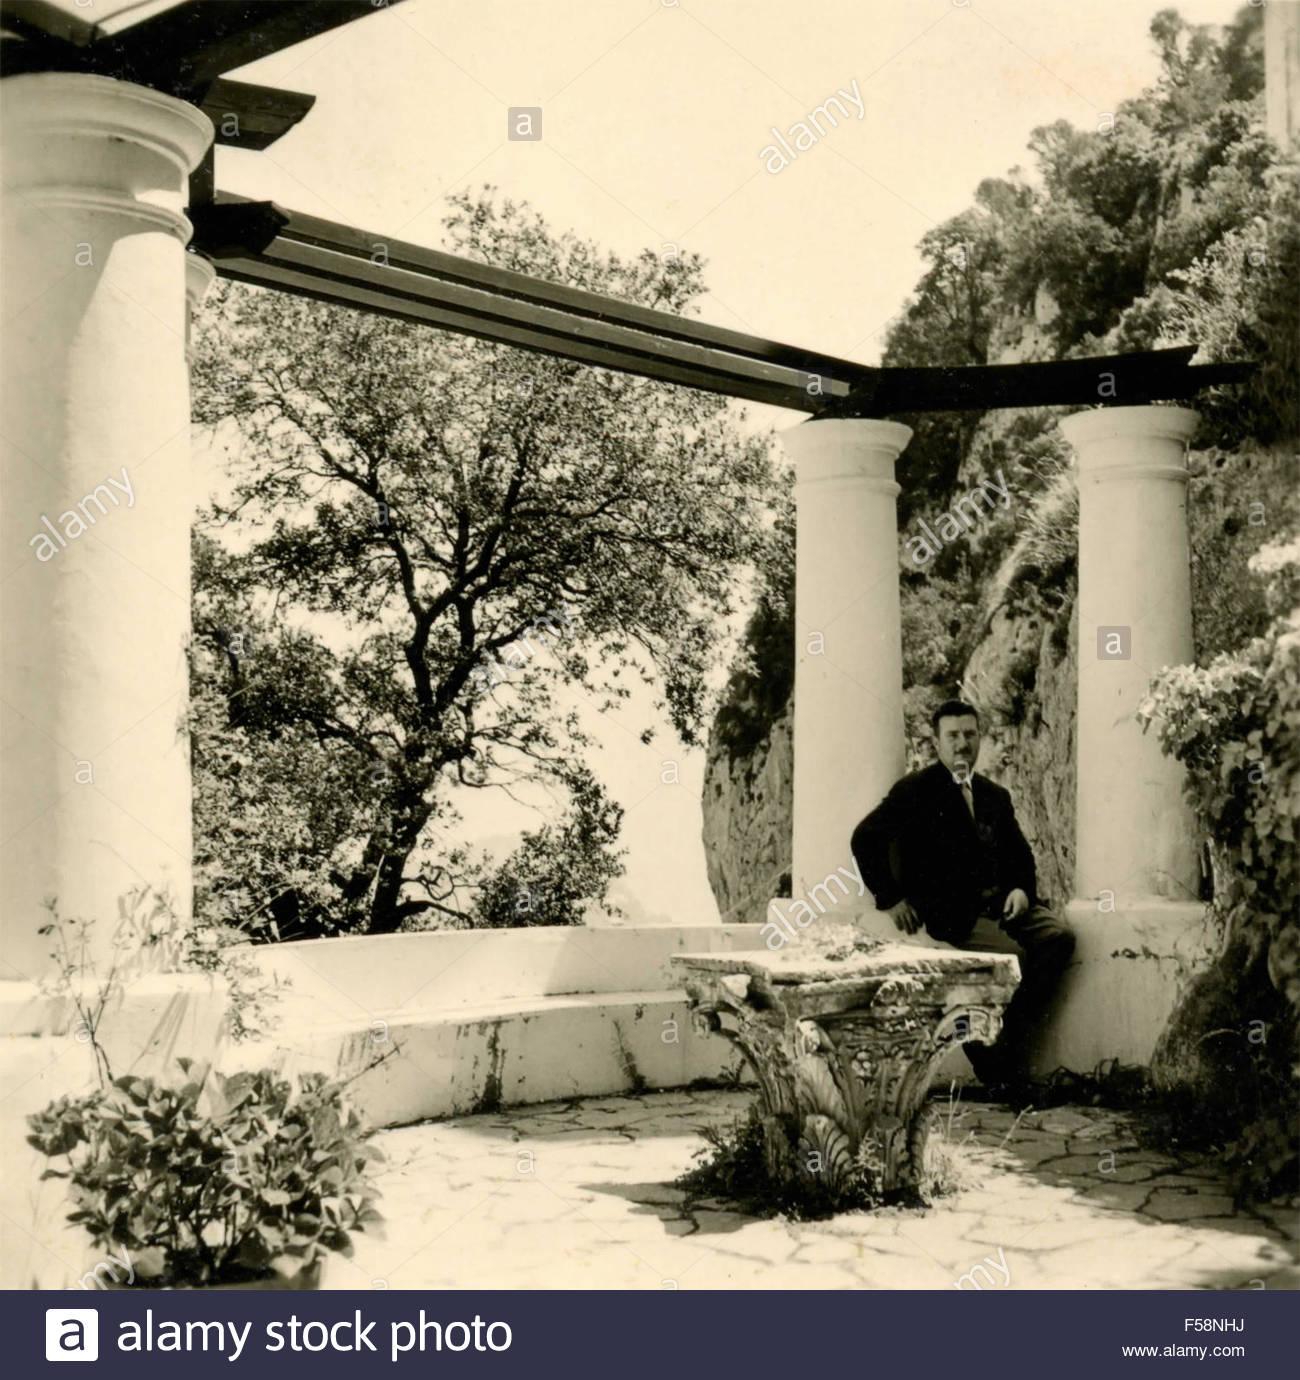 In The Gardens Of Villa San Michele Capri Italy Stock